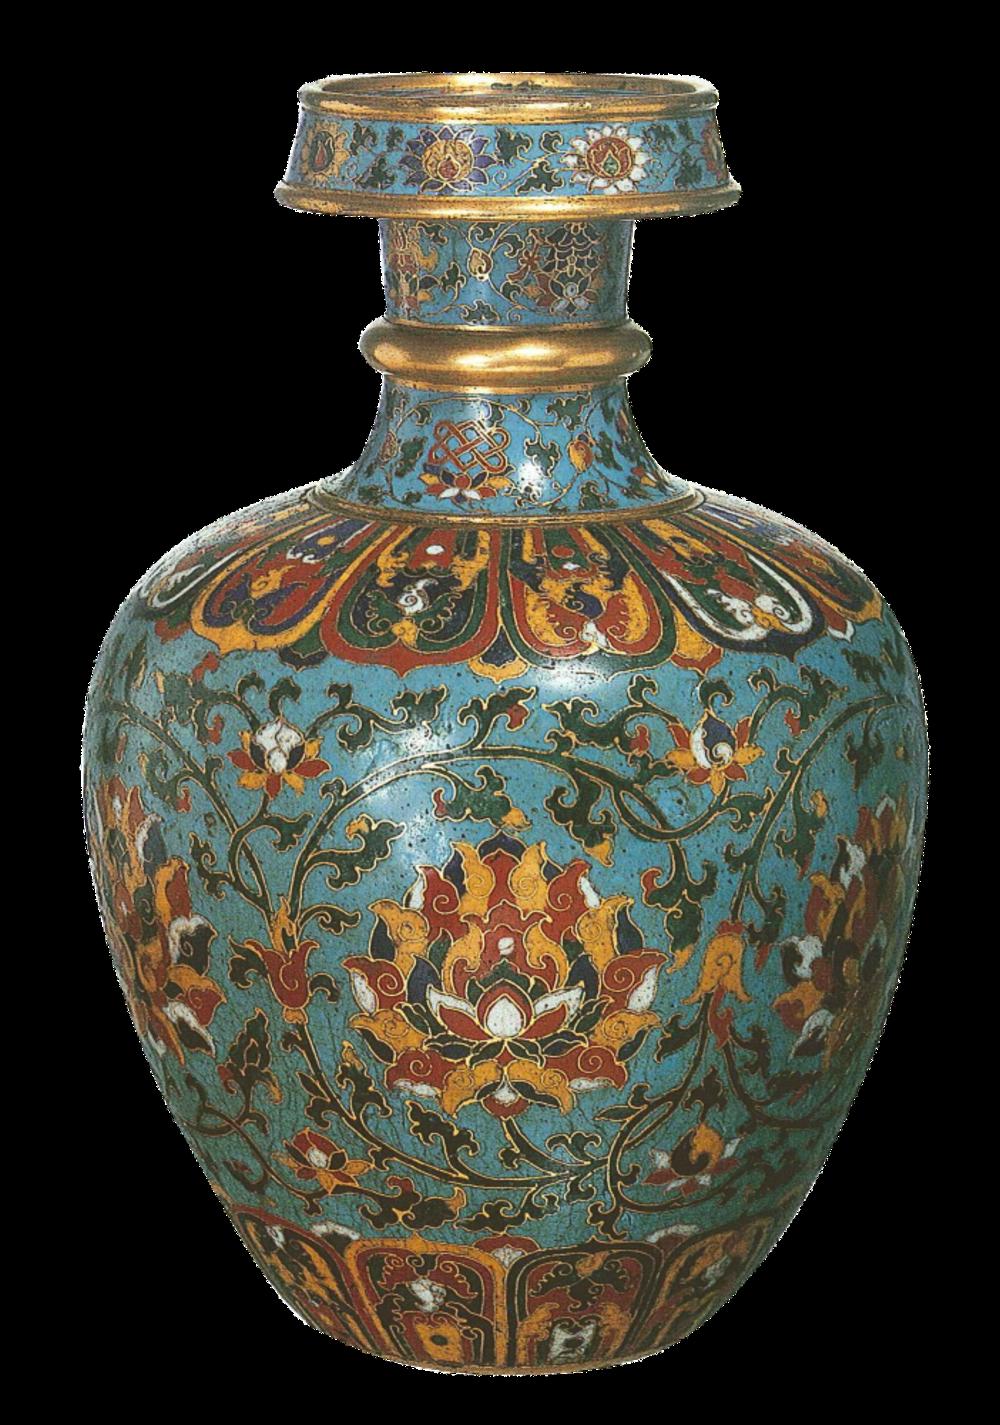 Vase mit Lotosranken und den acht buddhistischen Glückszeichen